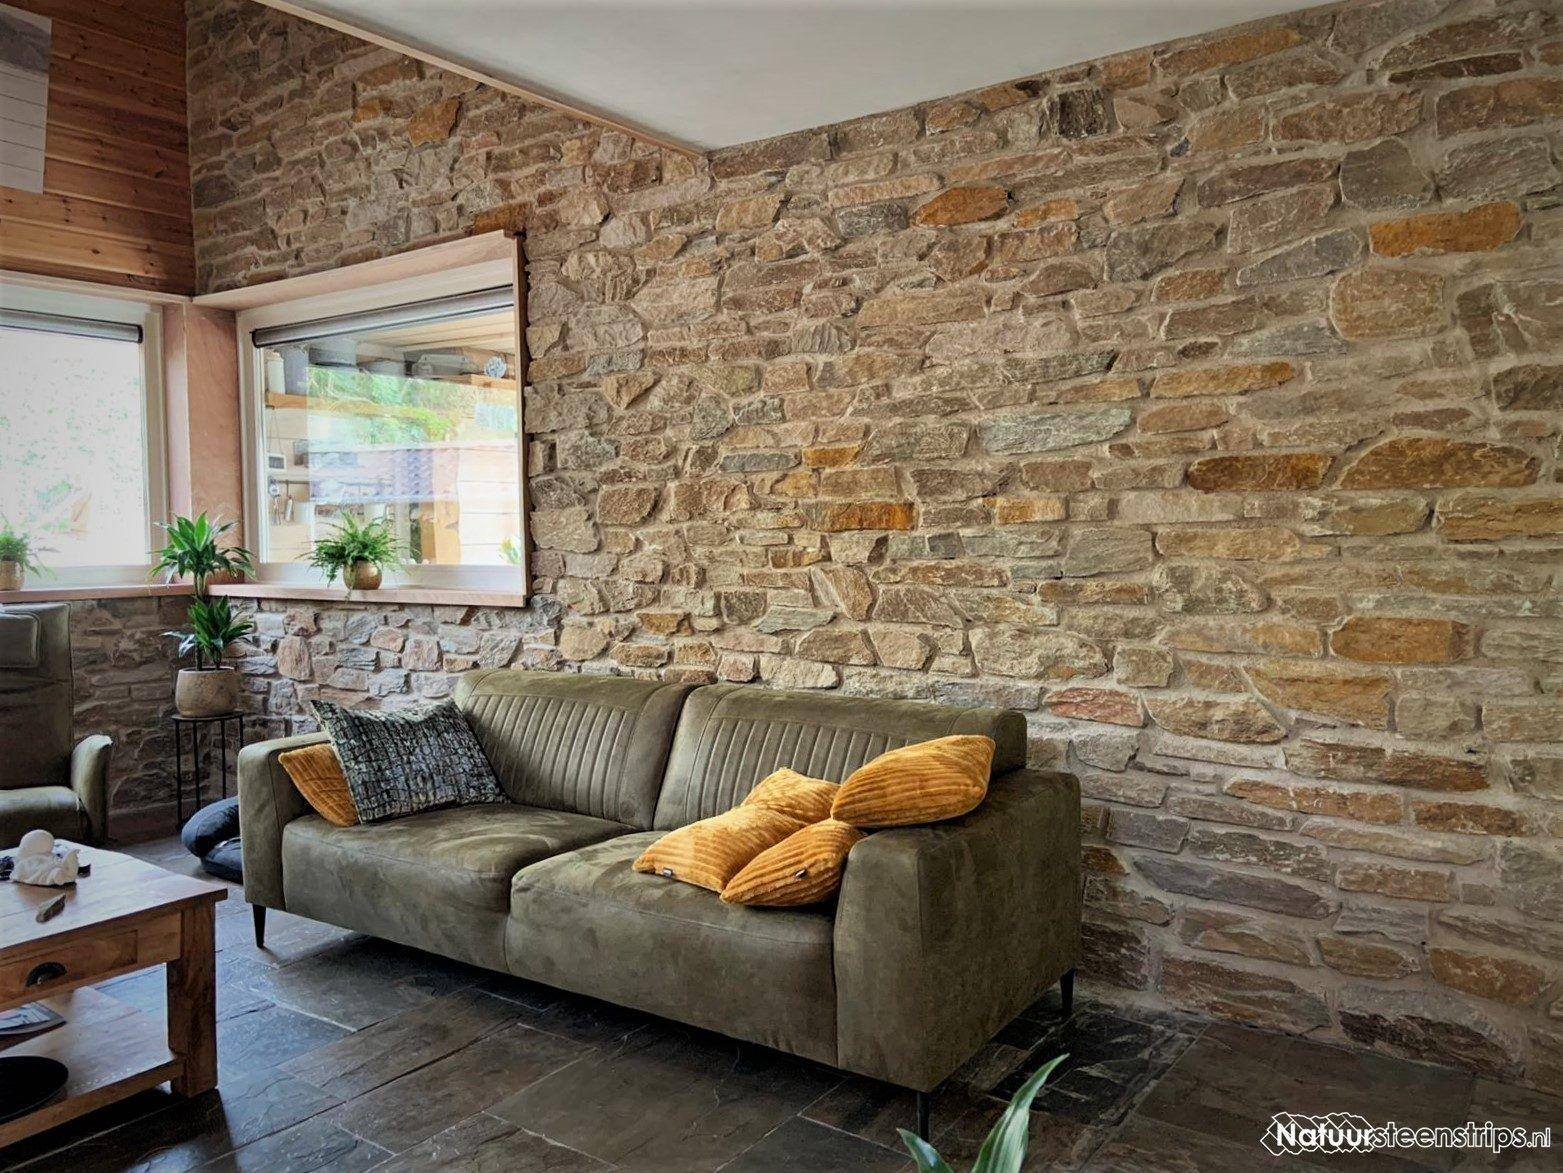 Landelijke Woonkamer Met Een Bijzondere Muurdecoratie Van Gestapeld Natuursteen Mijn Blog Maison Style Salon Wabi Sabi